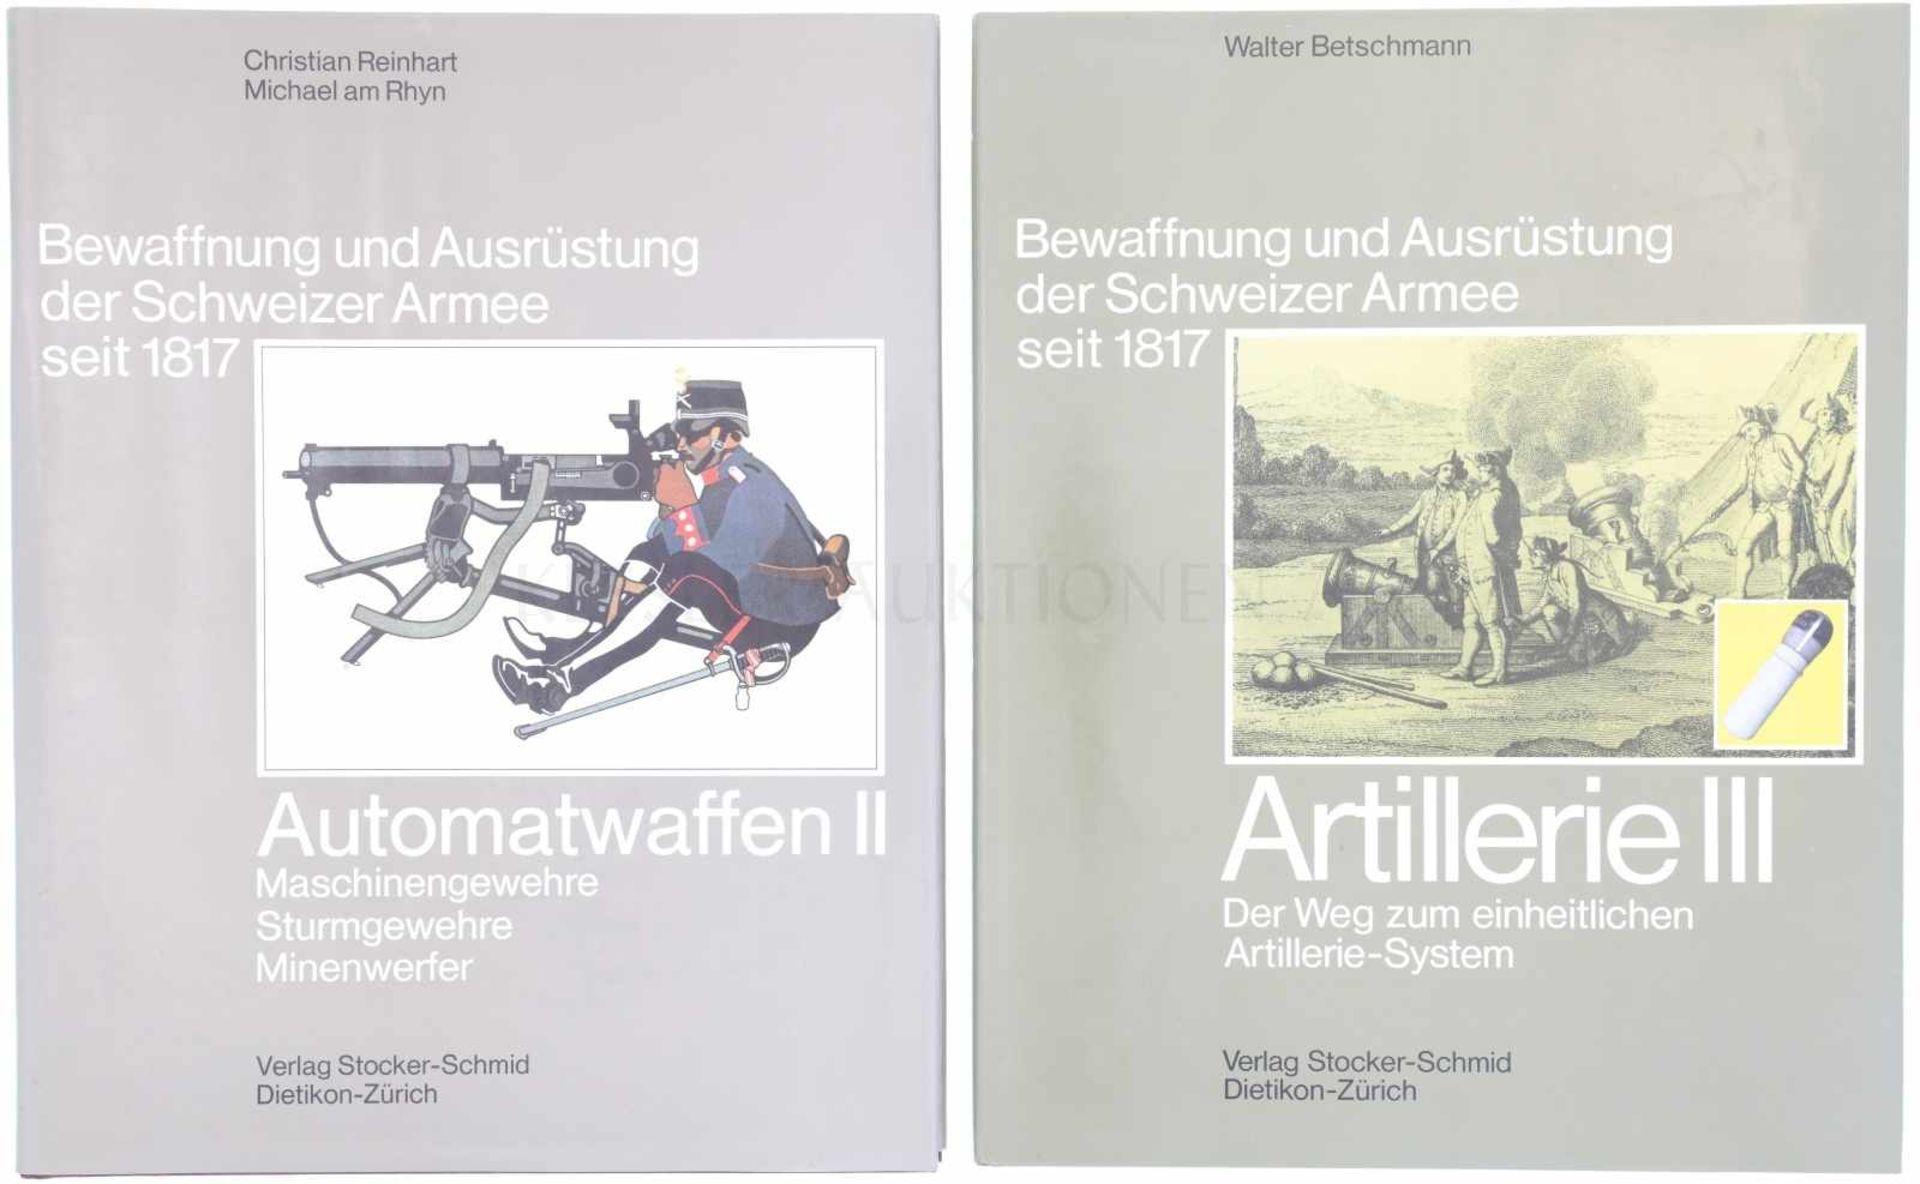 Los 60 - Konvolut von 2 Büchern Bewaffnung und Ausrüstung der Schweizer Armee seit 1817 1. Automatwaffen